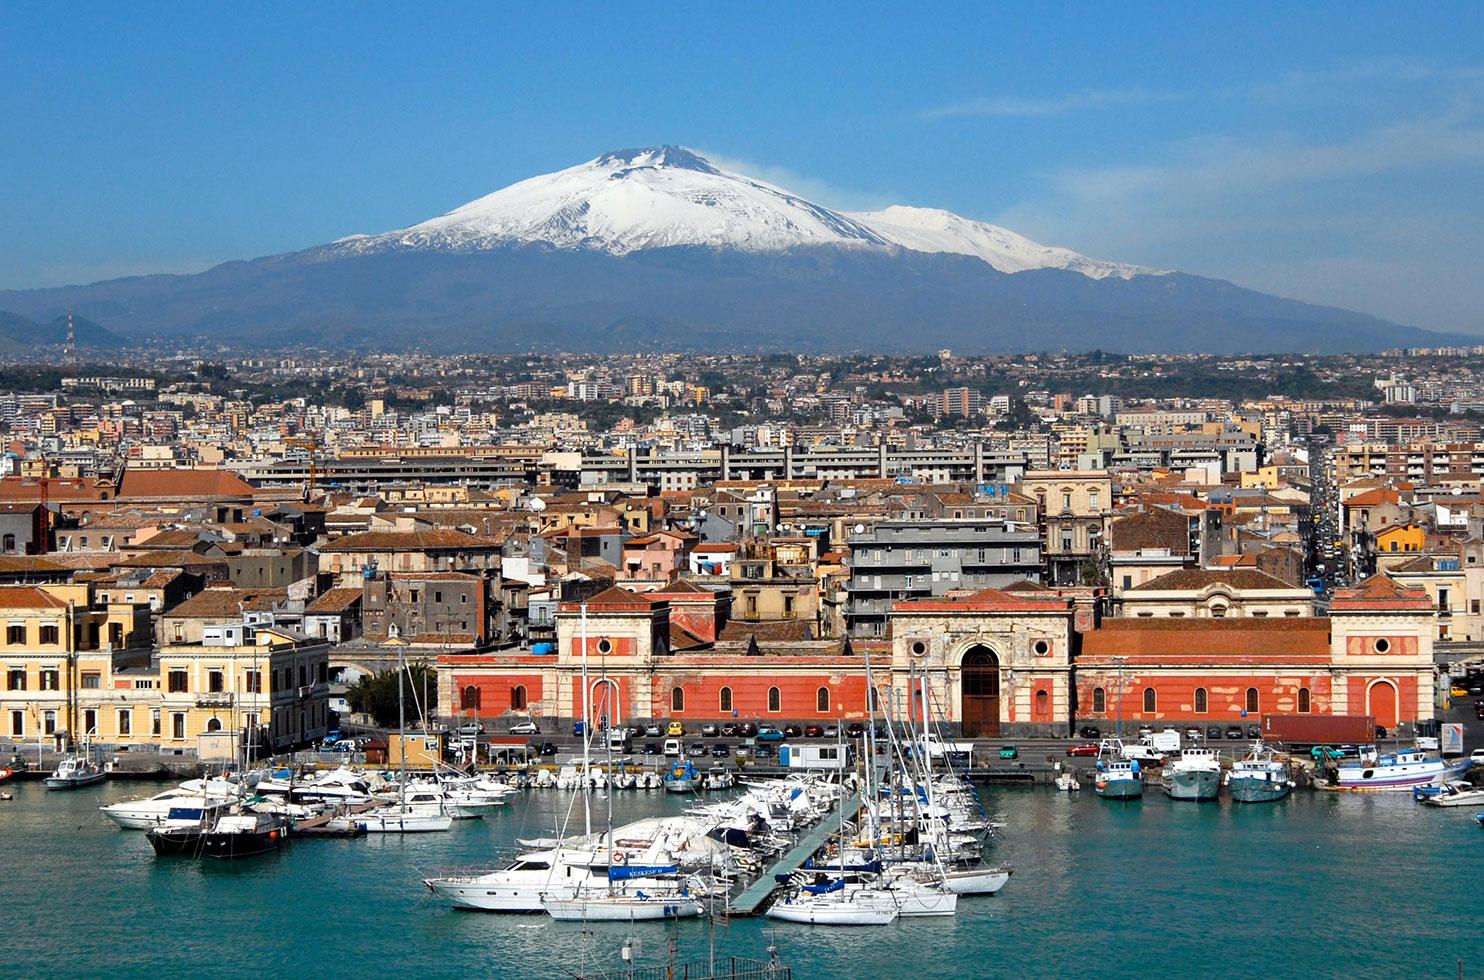 Il porto di Catania, sede di intensi scambi commerciali